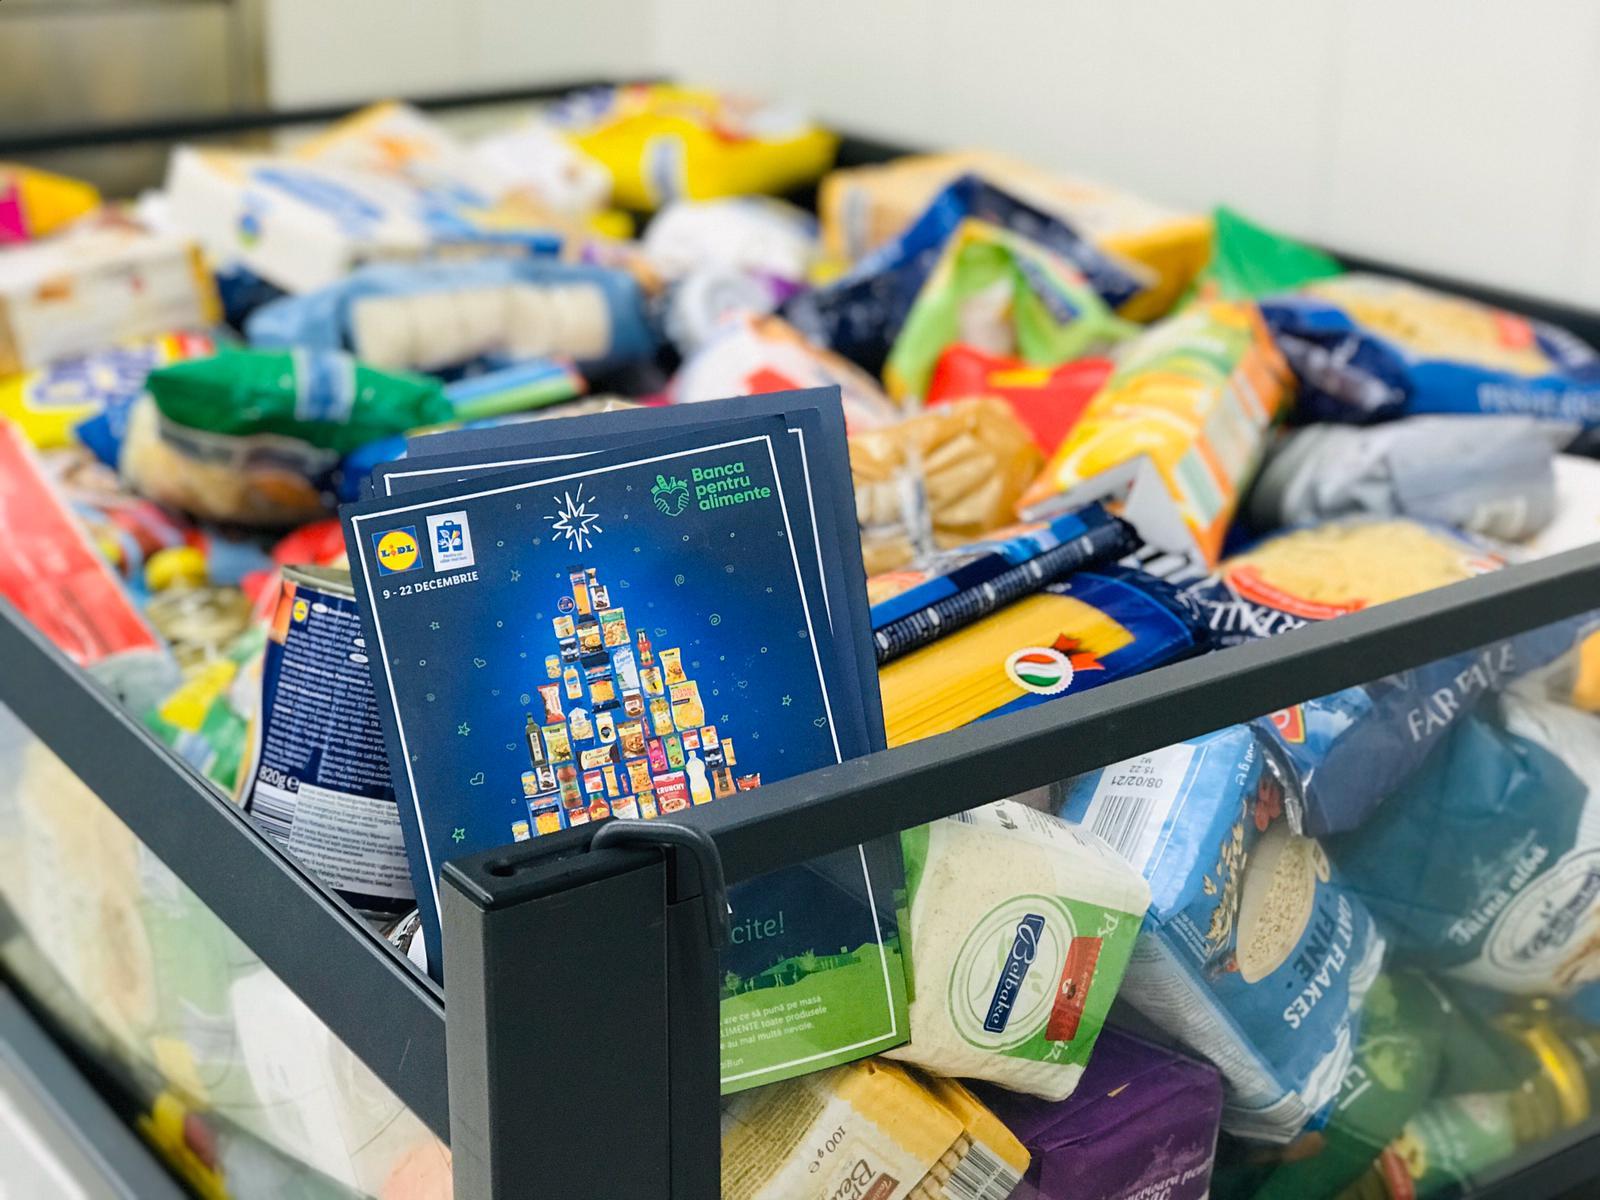 Banca de Alimente din Roman a primit de la clienții Lidl tone de produse, de sărbători